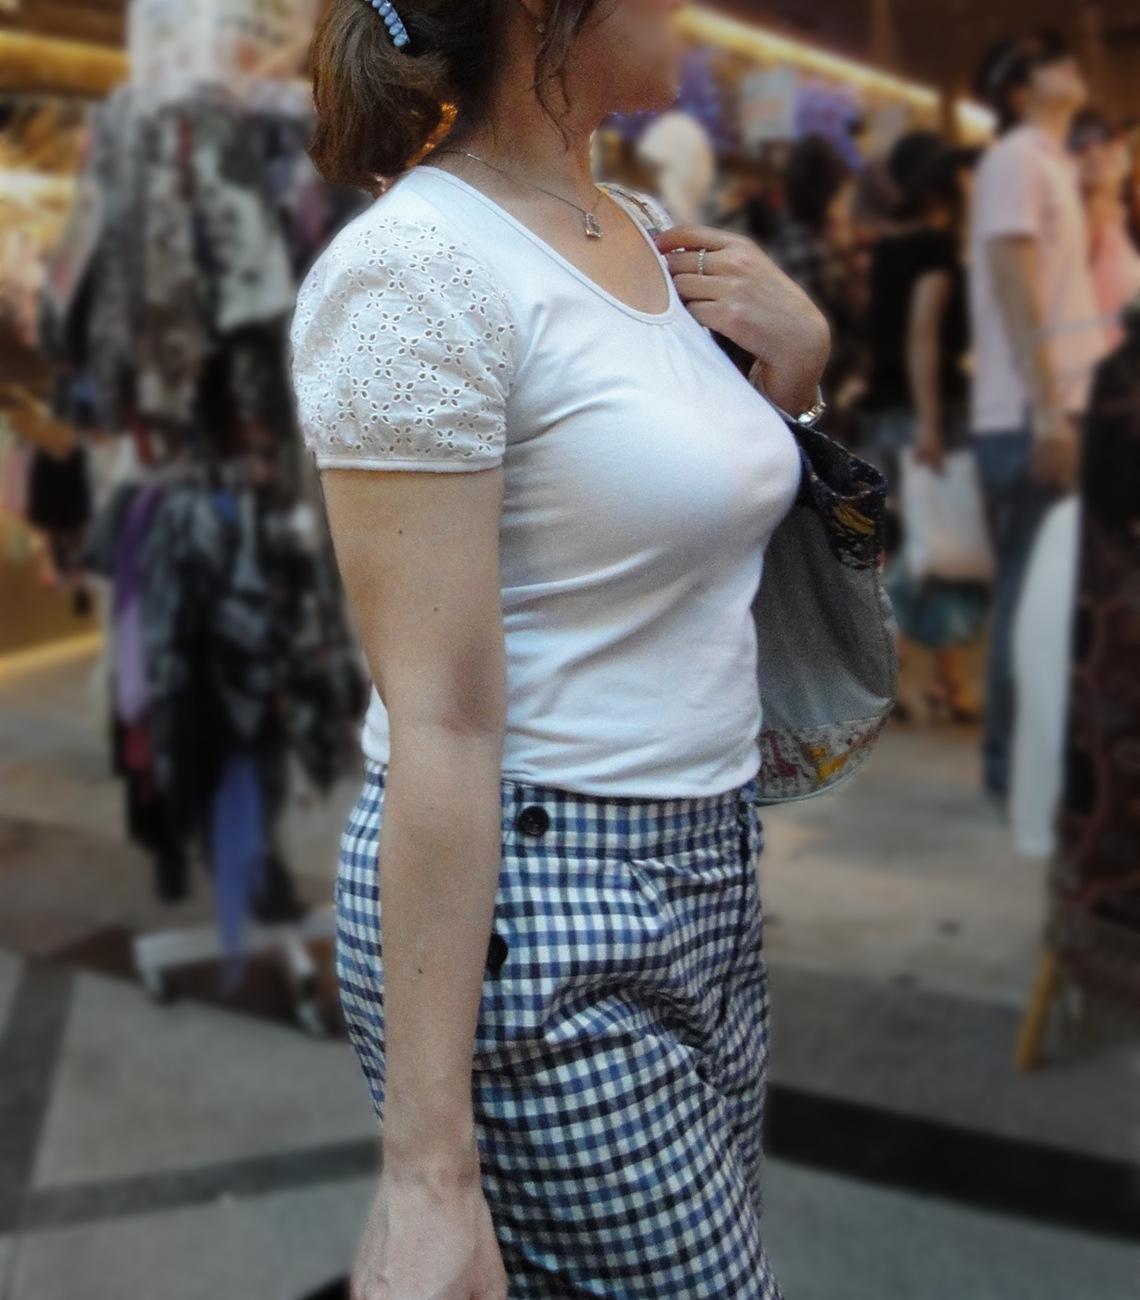 【着胸エロ画像】冬が来る前に…もう一度薄着の乳袋ファッションを見たくてwww 14